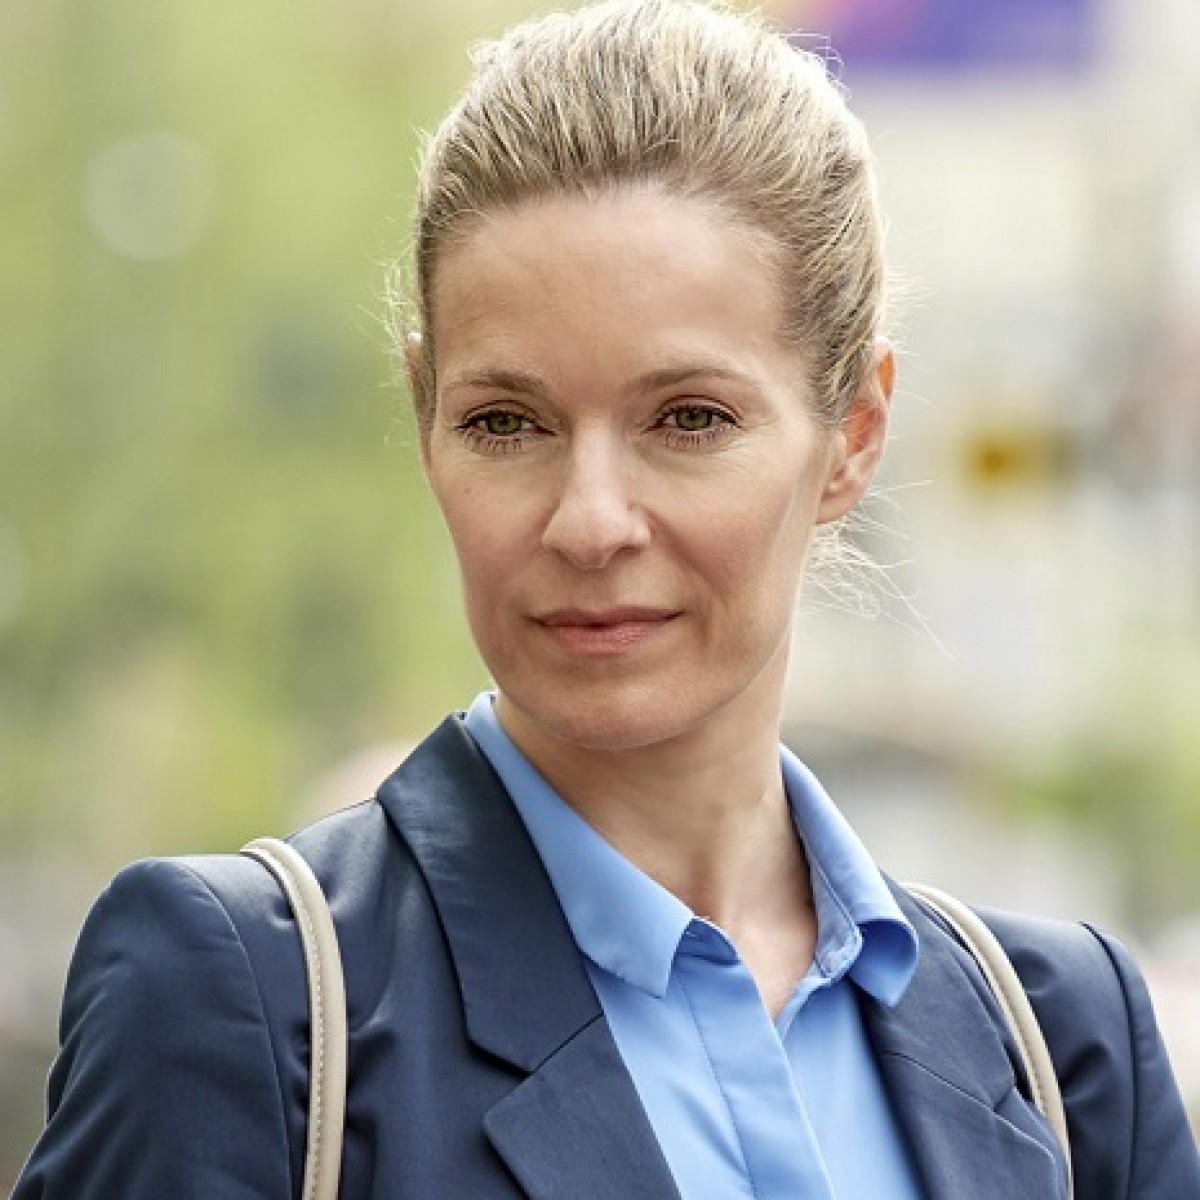 Lisa Martinek Die Heiland Uberraschend Verstorben